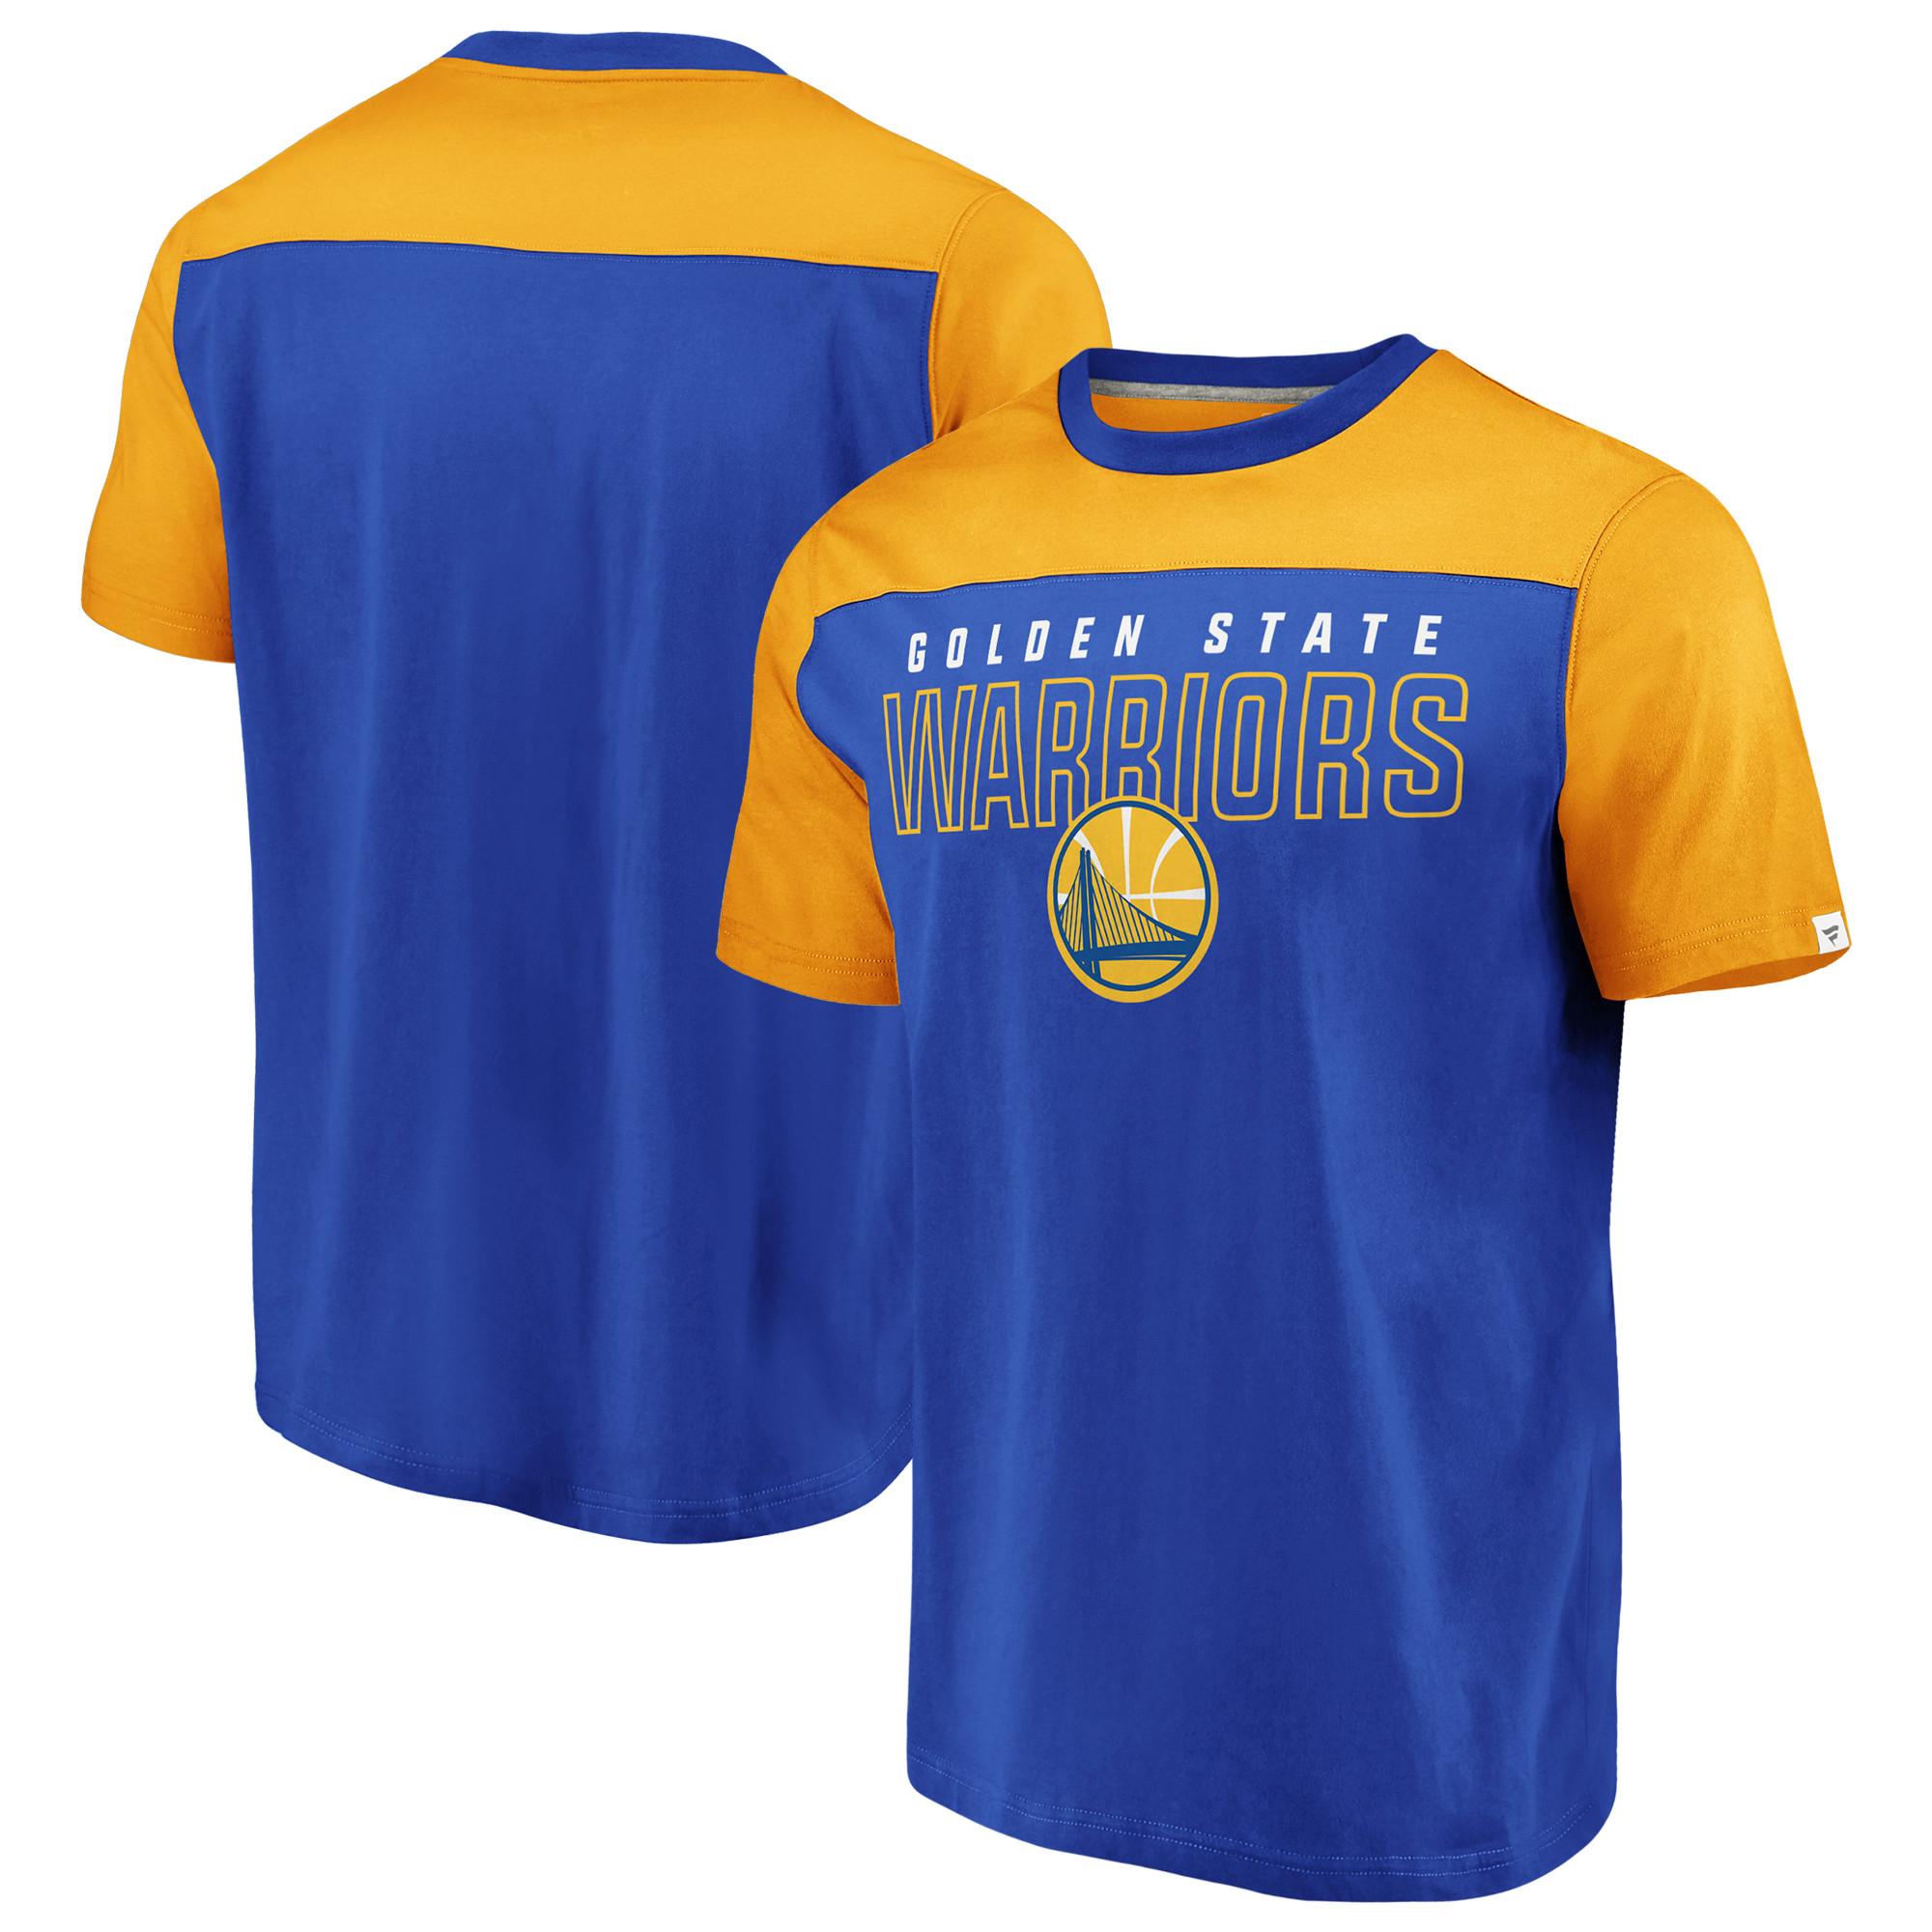 d24e0195190 Golden State Warriors Team Shop - Walmart.com